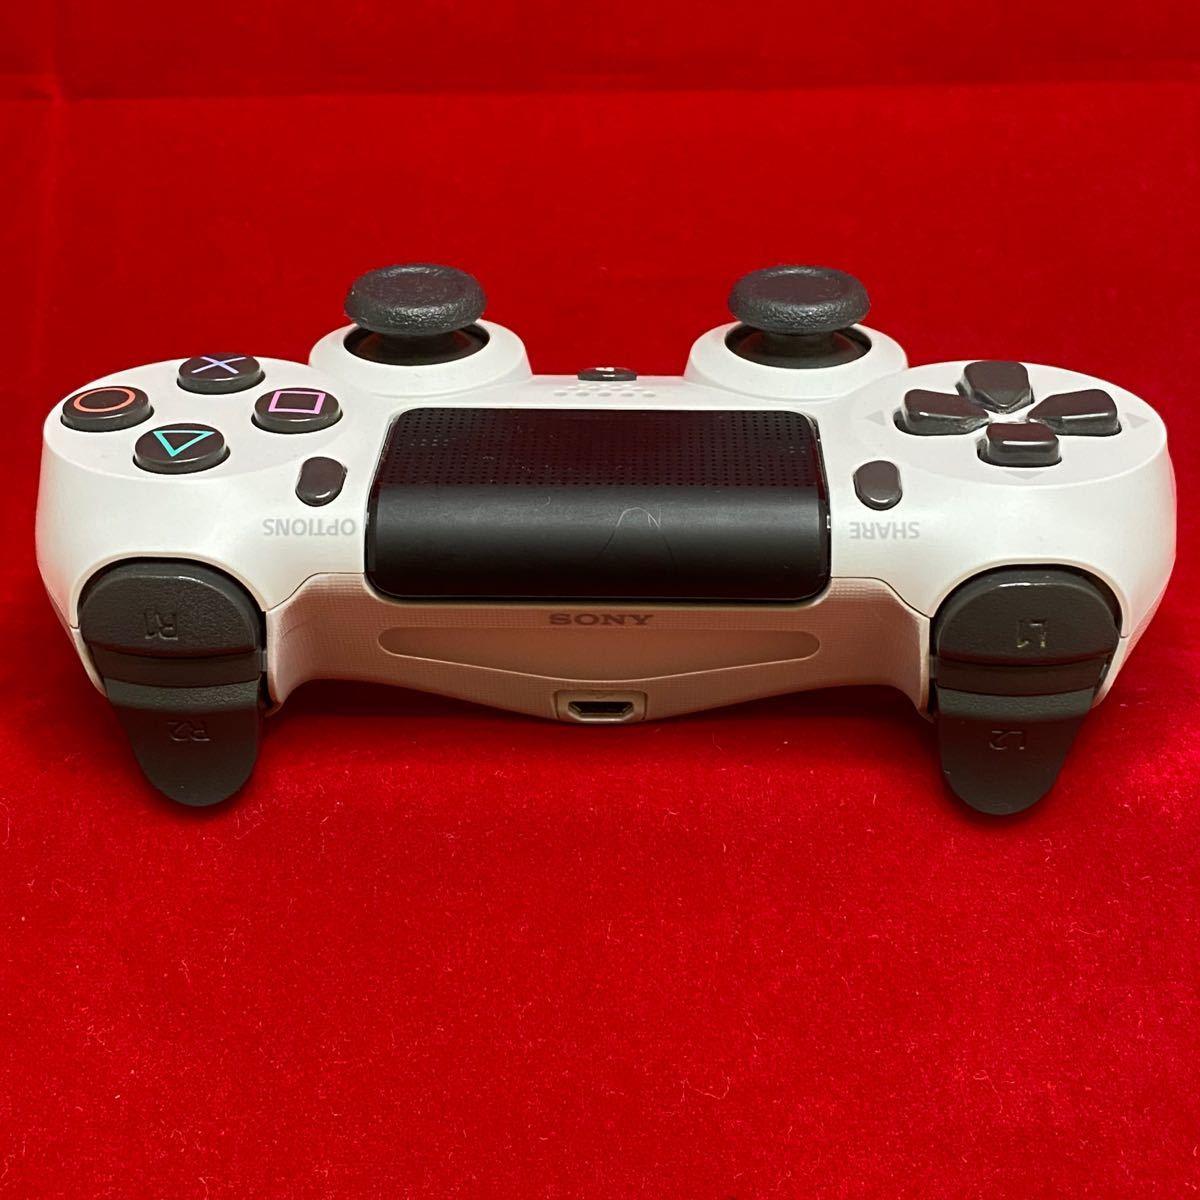 PS4 ワイヤレス コントローラー SONY デュアルショック4 ホワイト 白